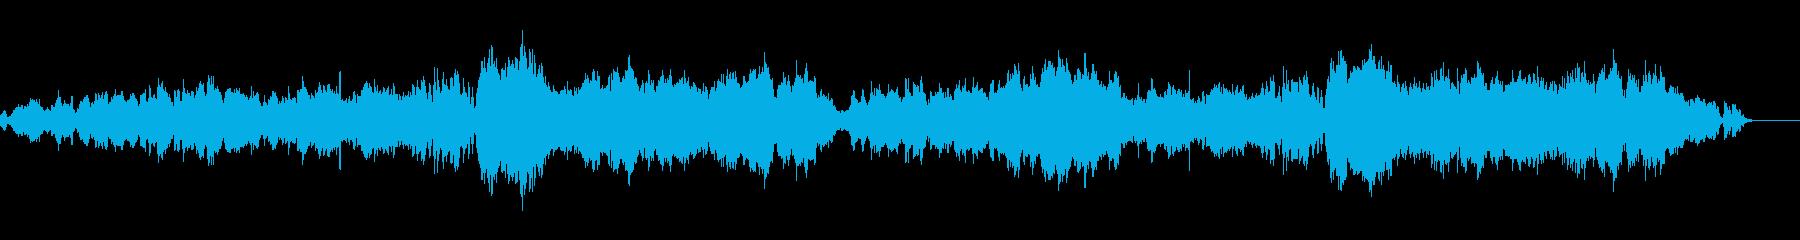 ハッピーな曲 の再生済みの波形